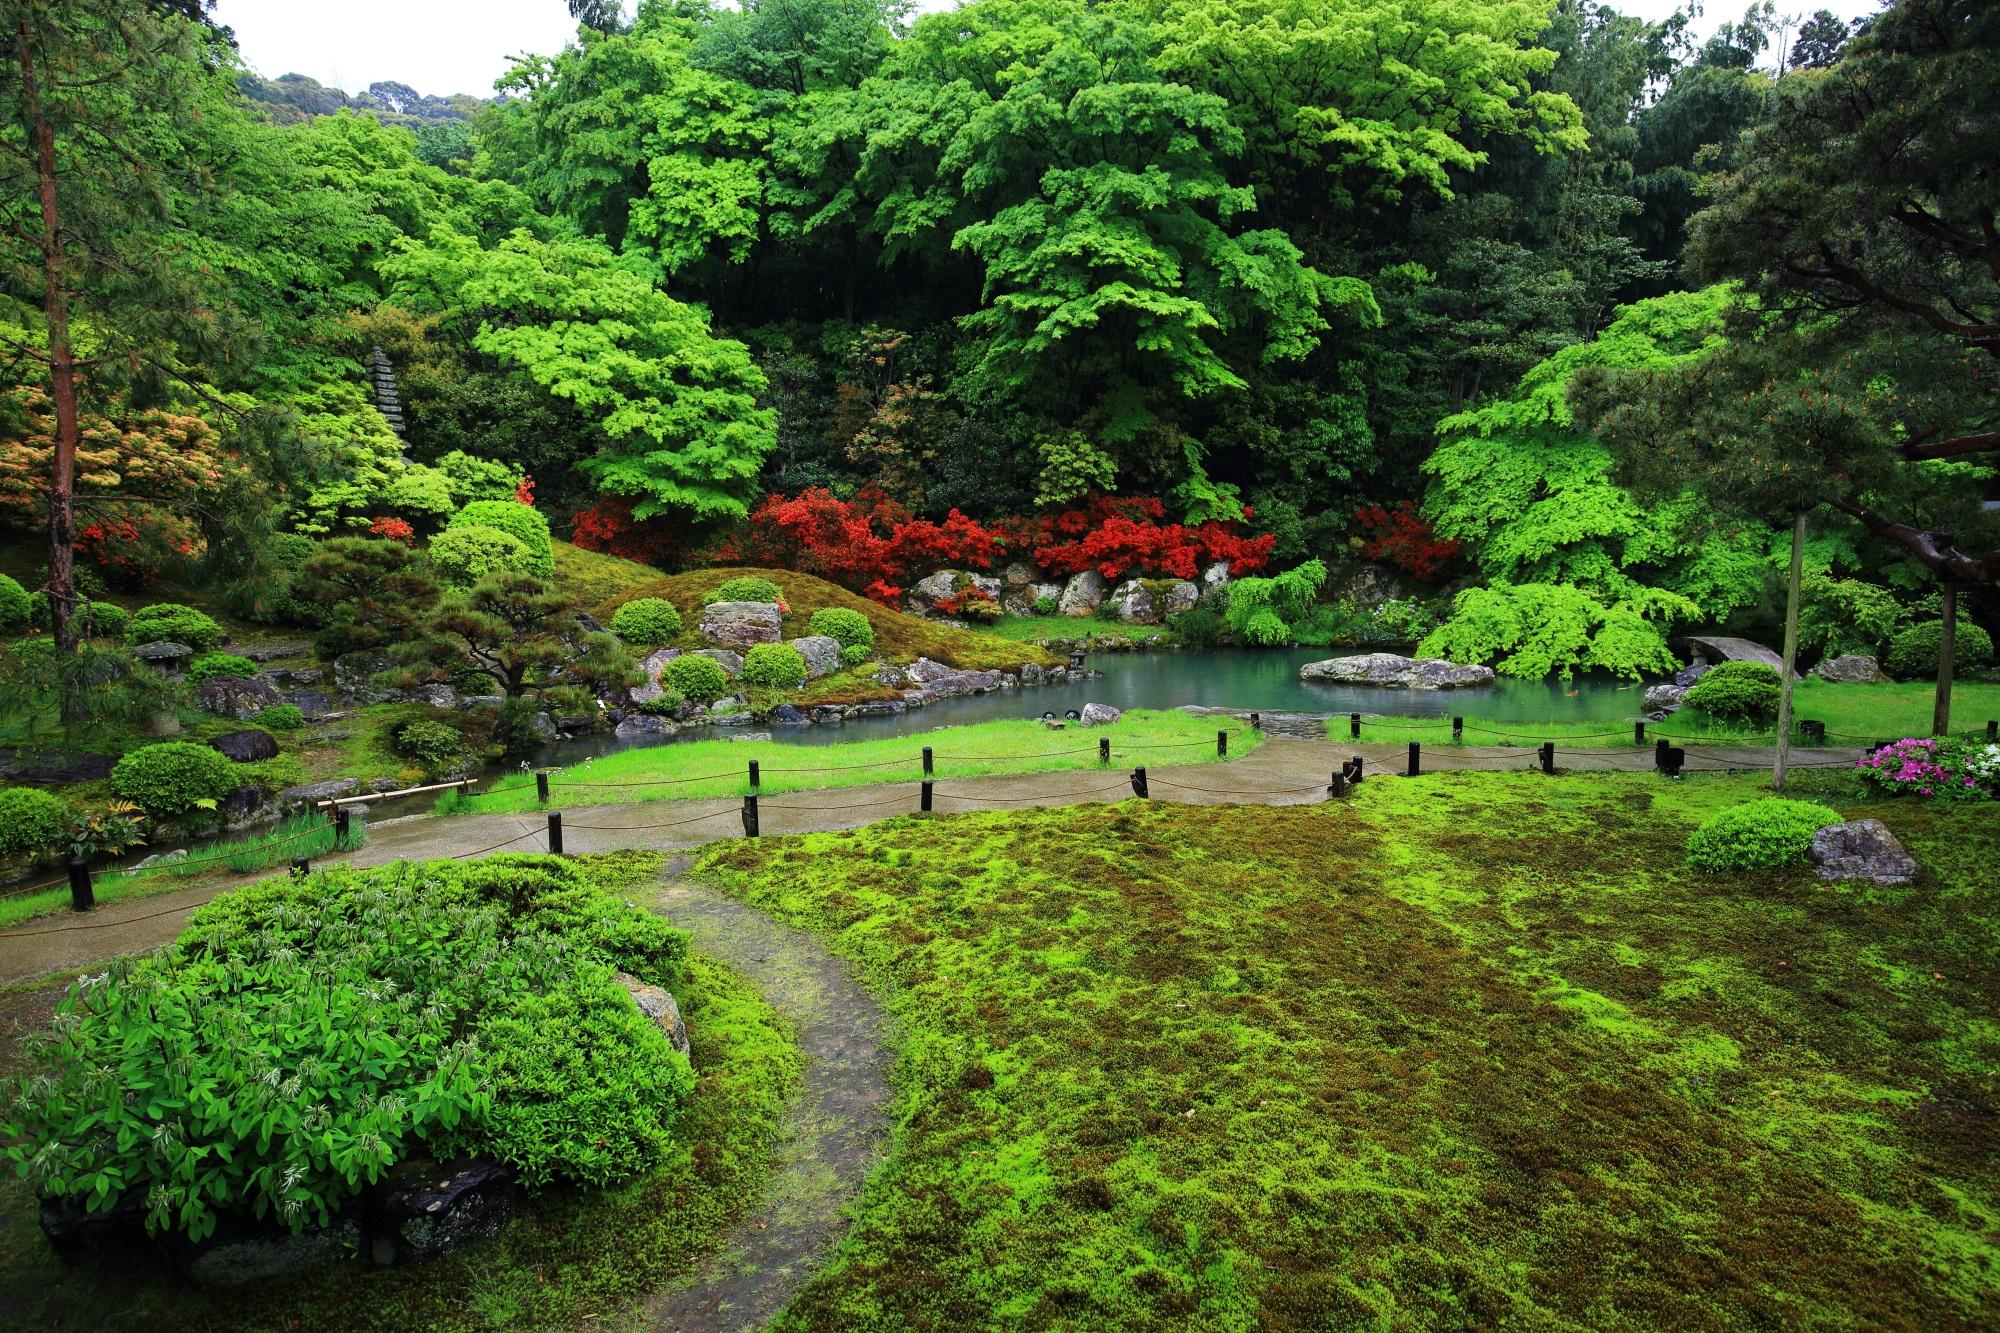 青蓮院の華頂殿から眺めたツツジと新緑の相阿弥の庭